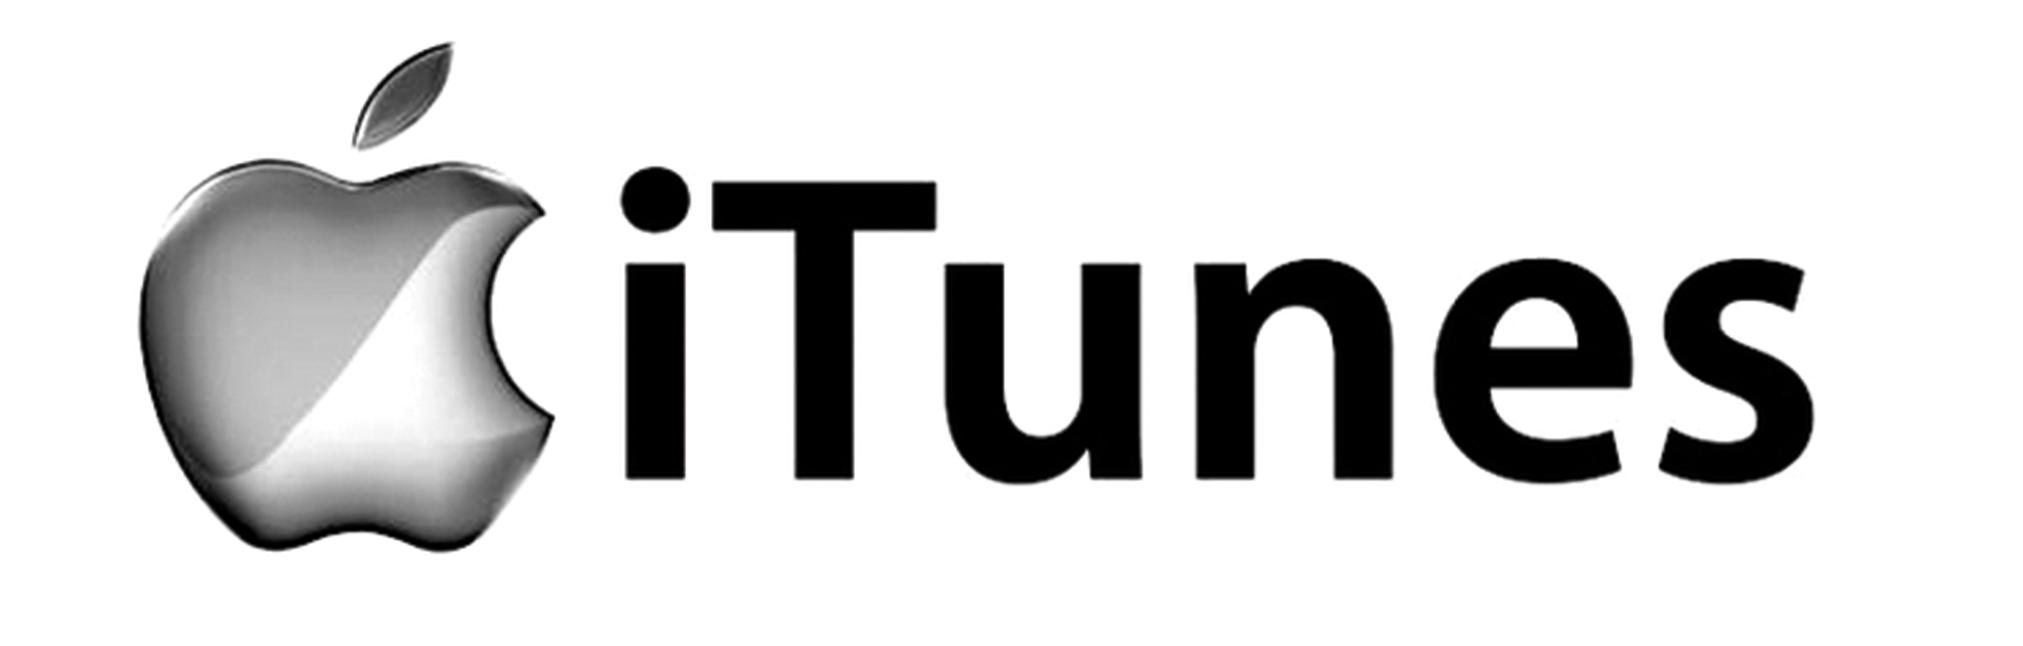 Rosanna Rocci bei iTunes kaufen